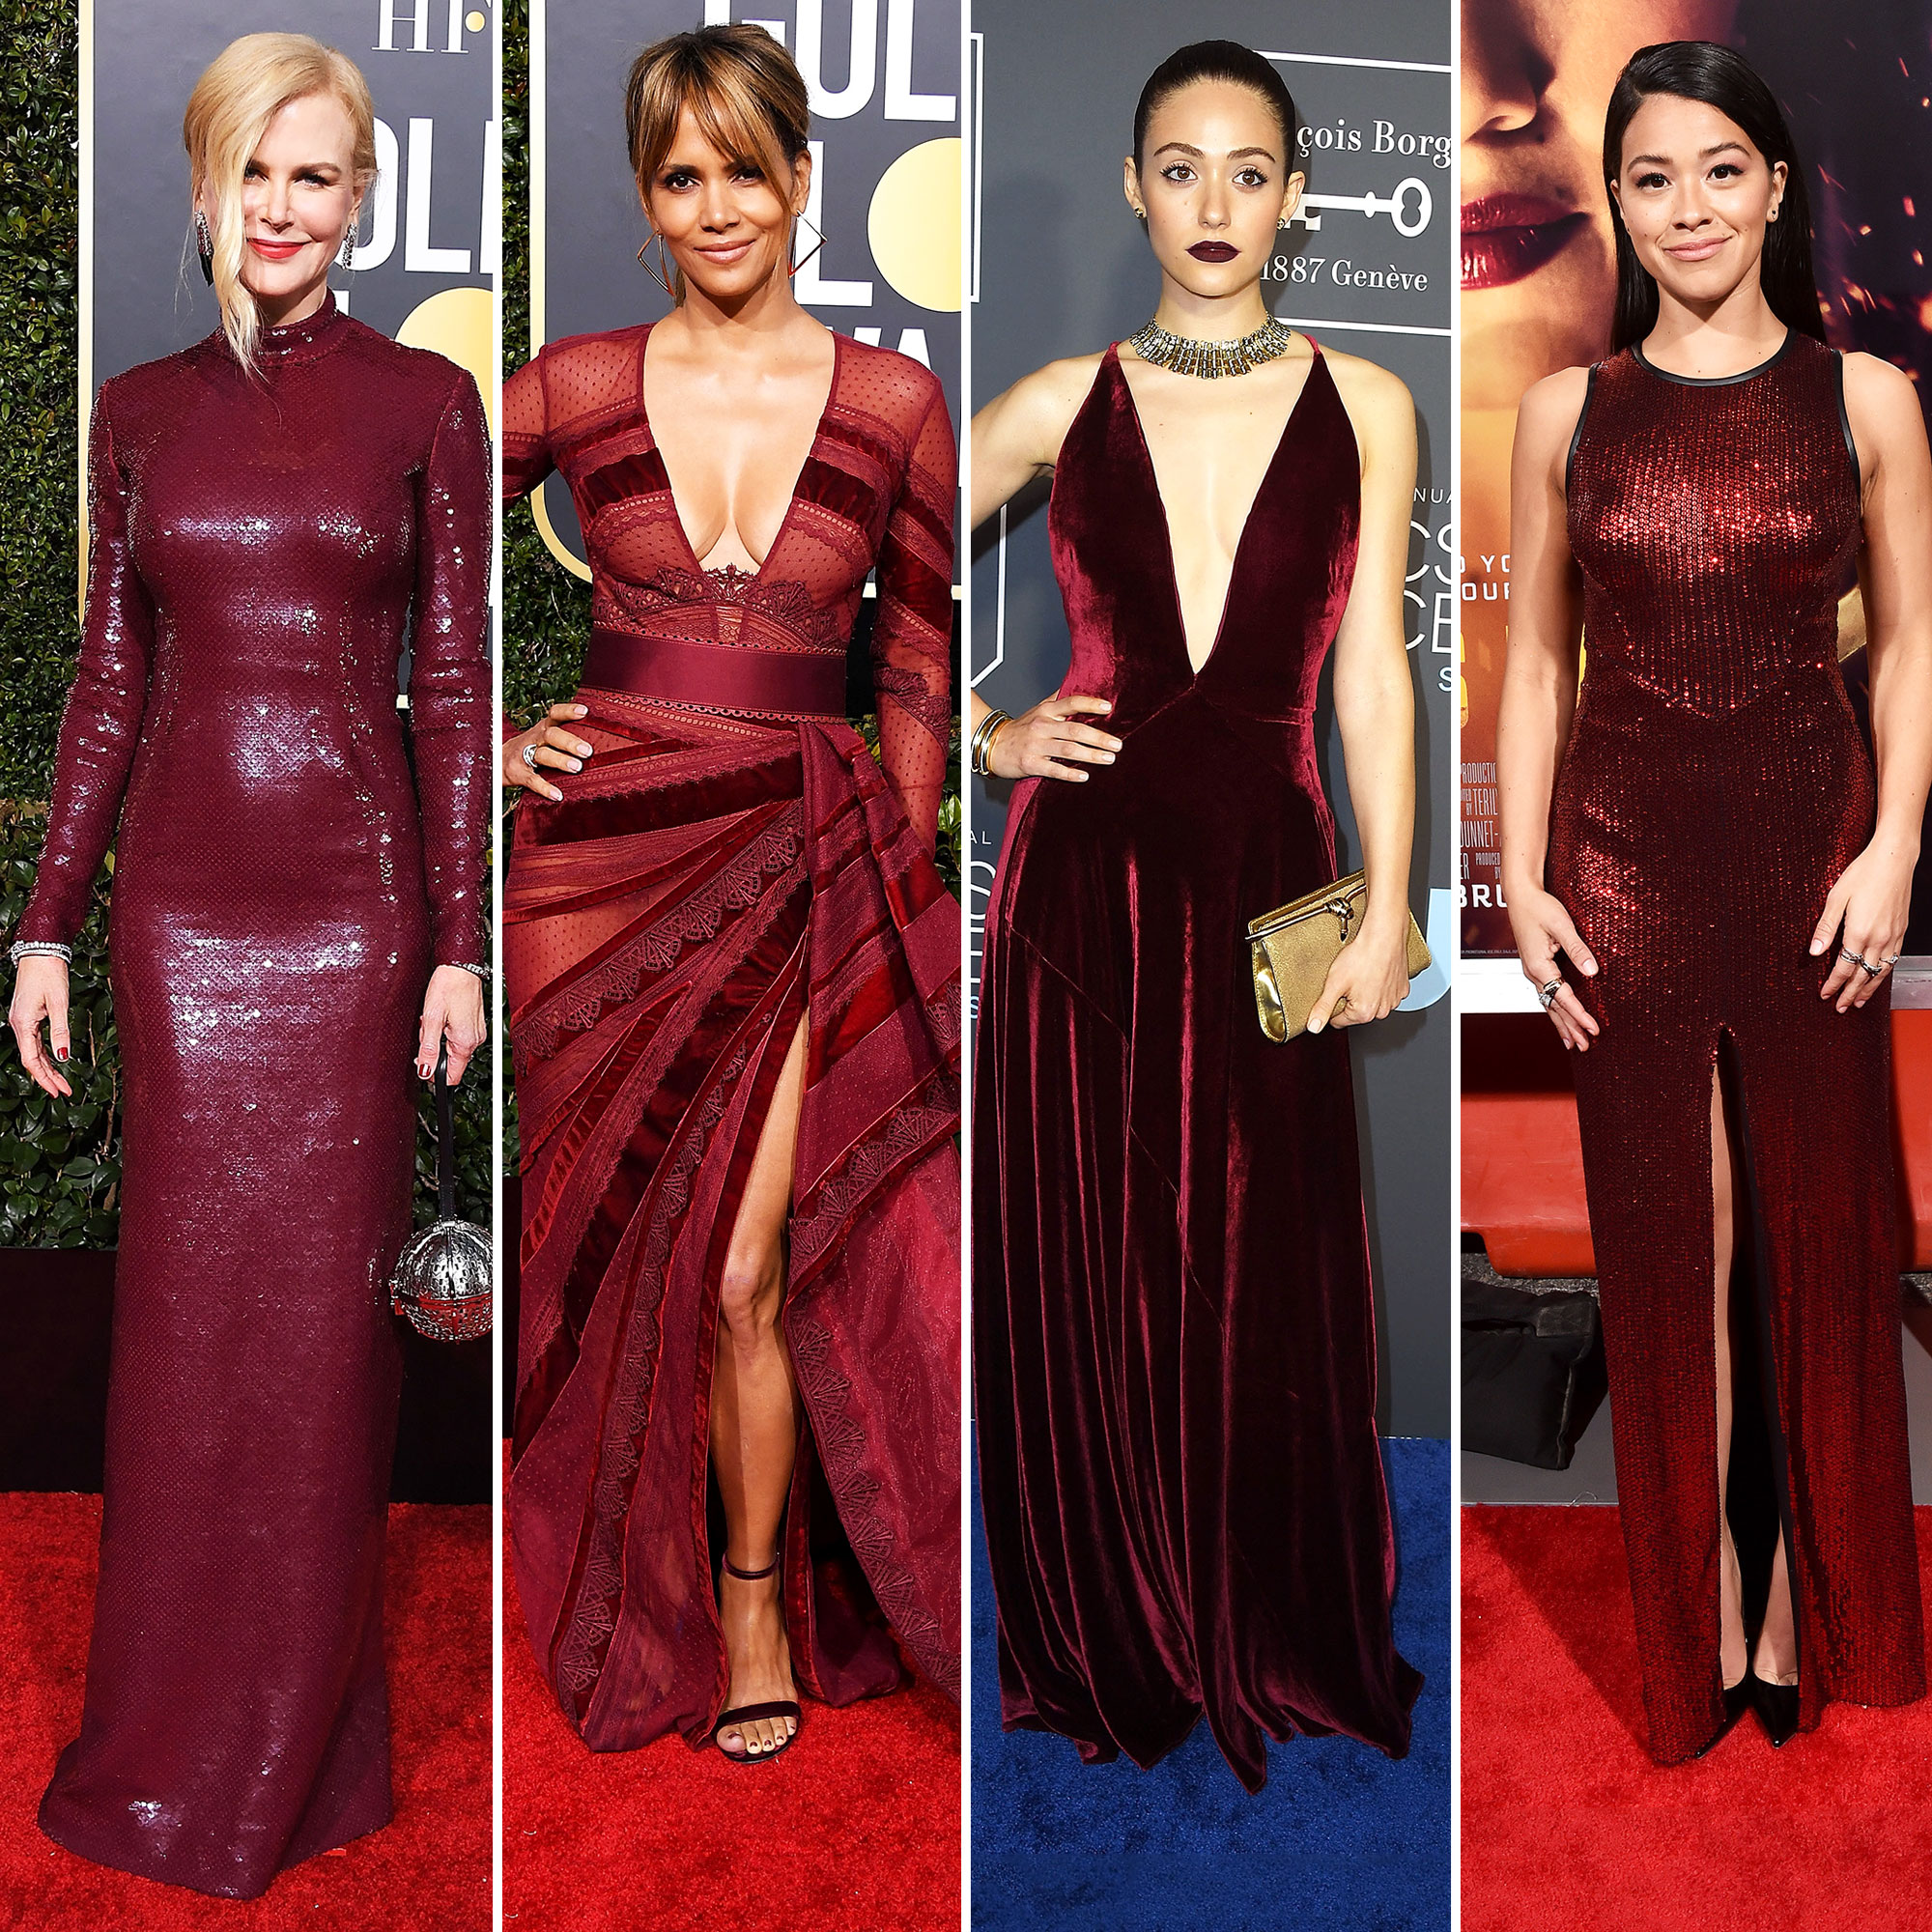 Nicole Kidman Halle Berry Emmy Rossum Gina Rodriguez Stylish Burgundy - Nicole Kidman, Halle Berry, Emmy Rossum and Gina Rodriguez